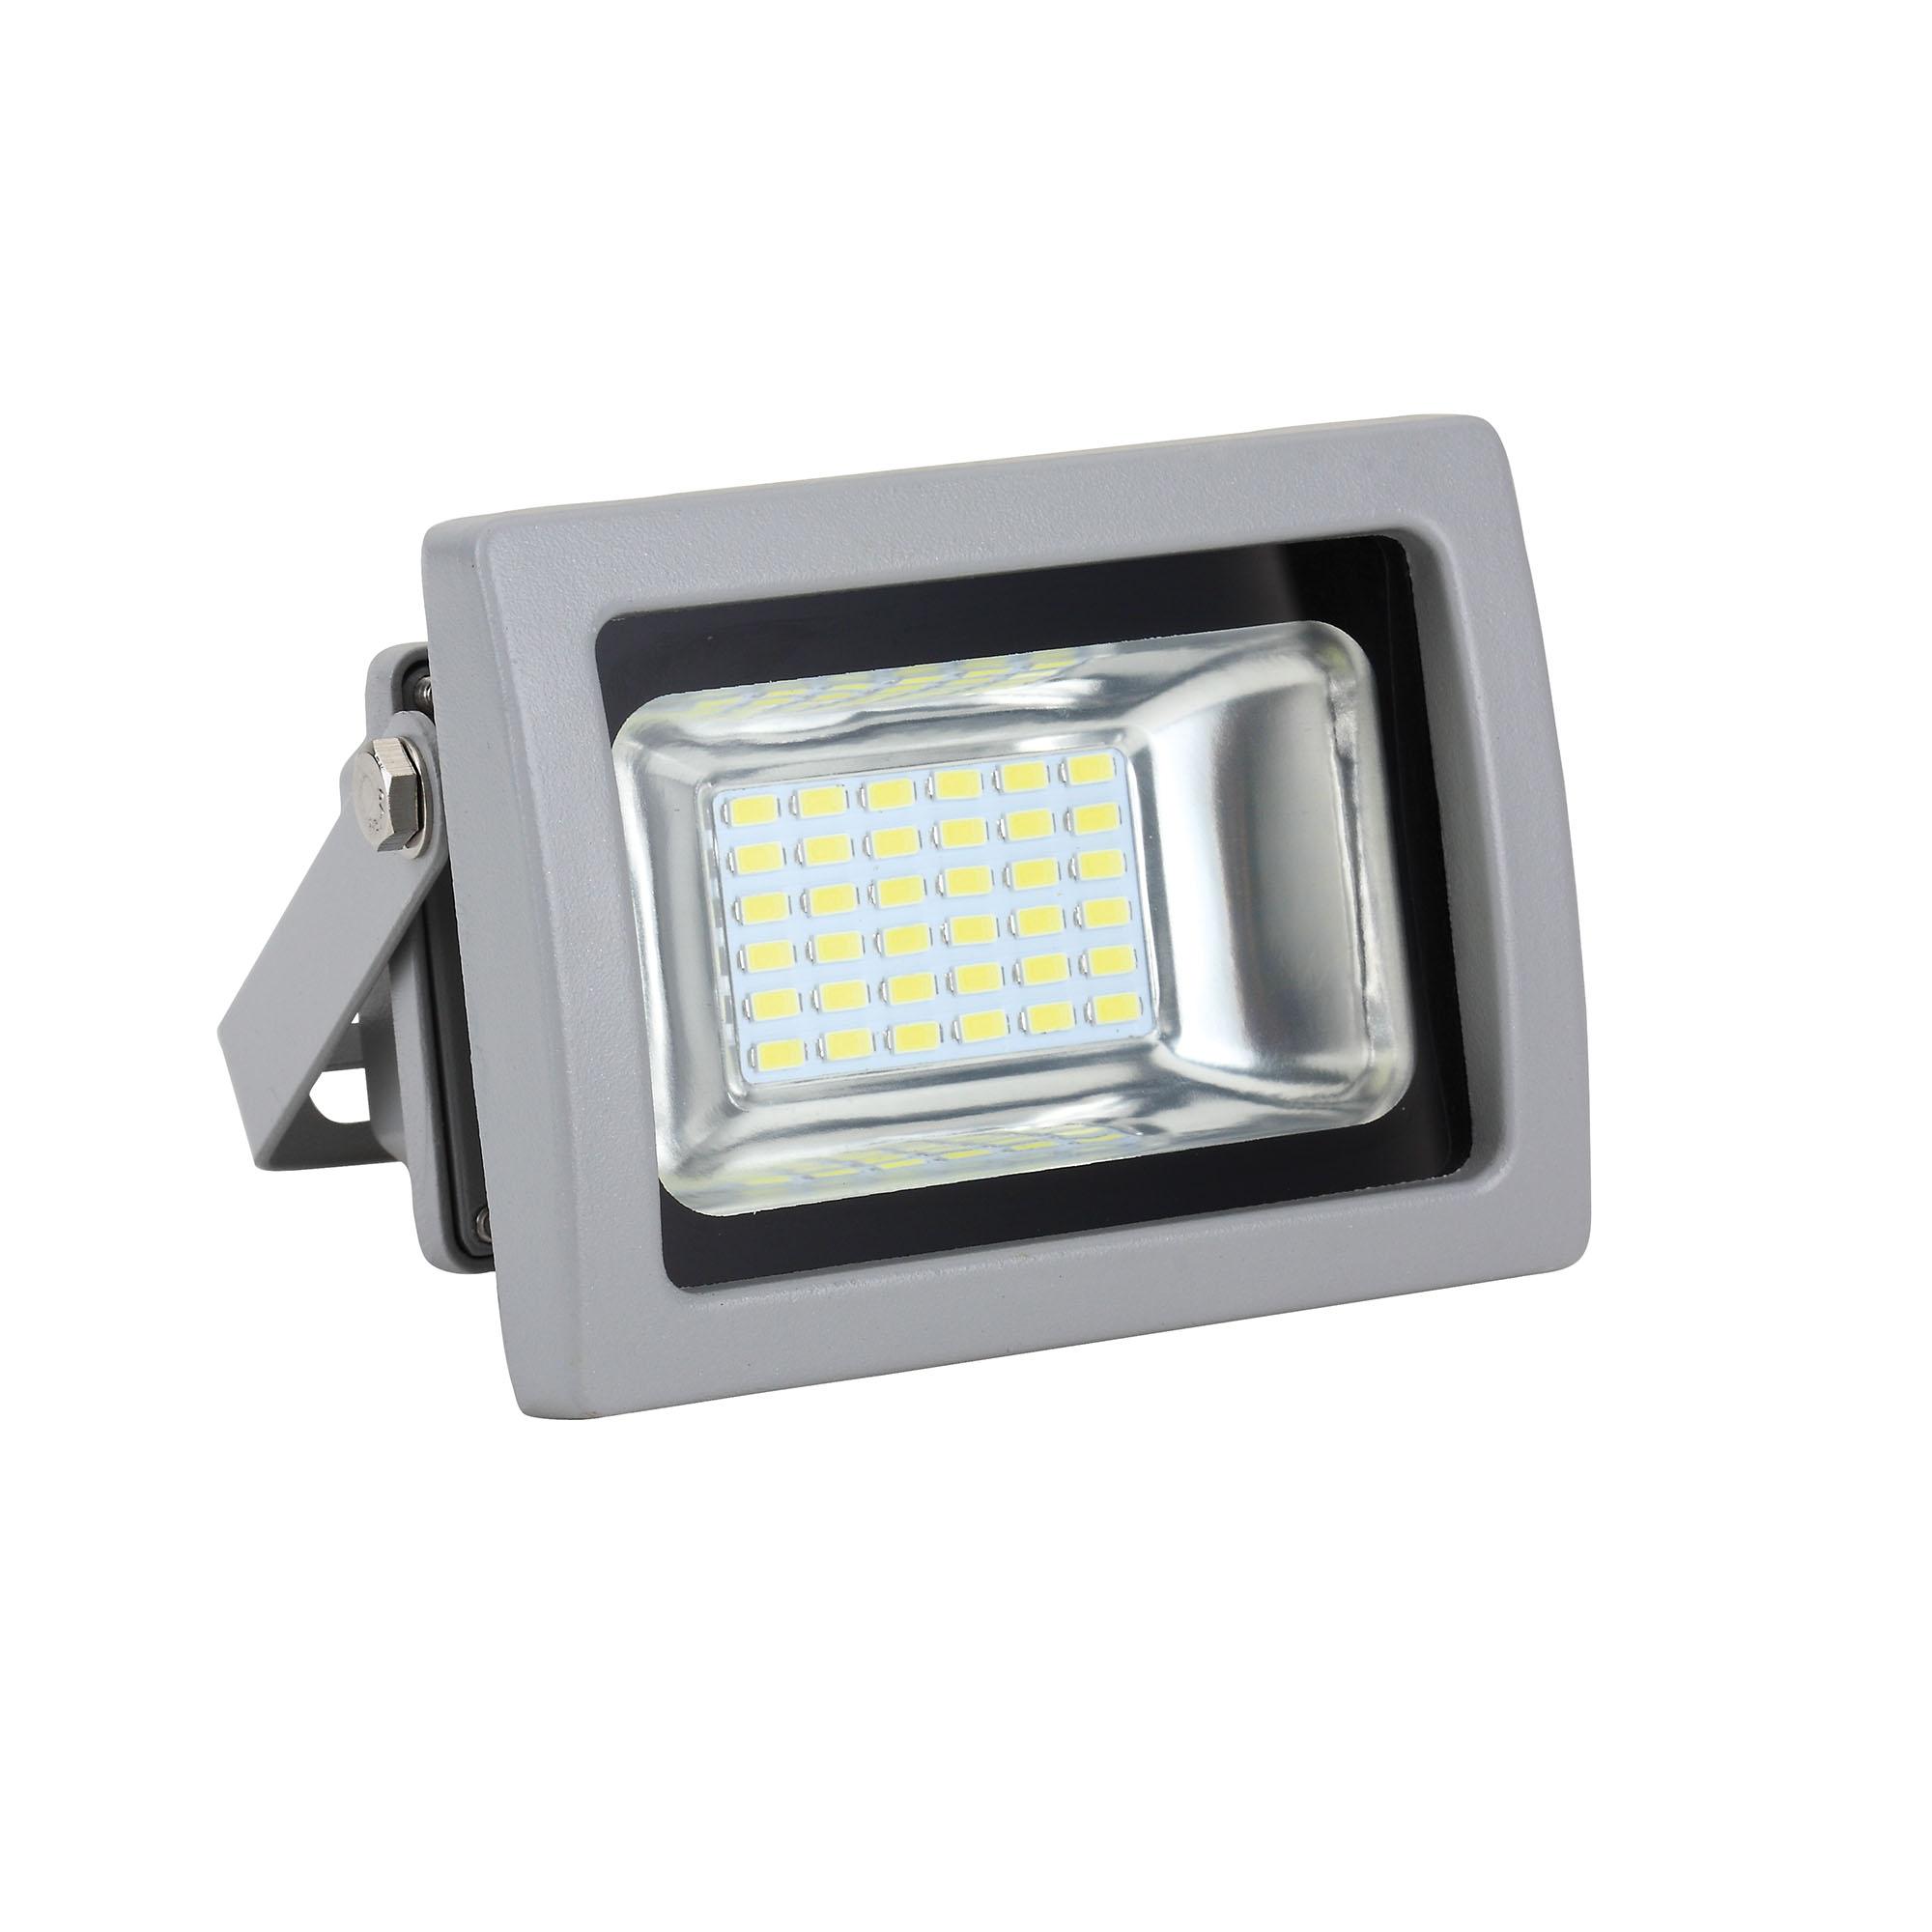 Прожектор светодиодный Uniel Ulf-s04-10w/nw